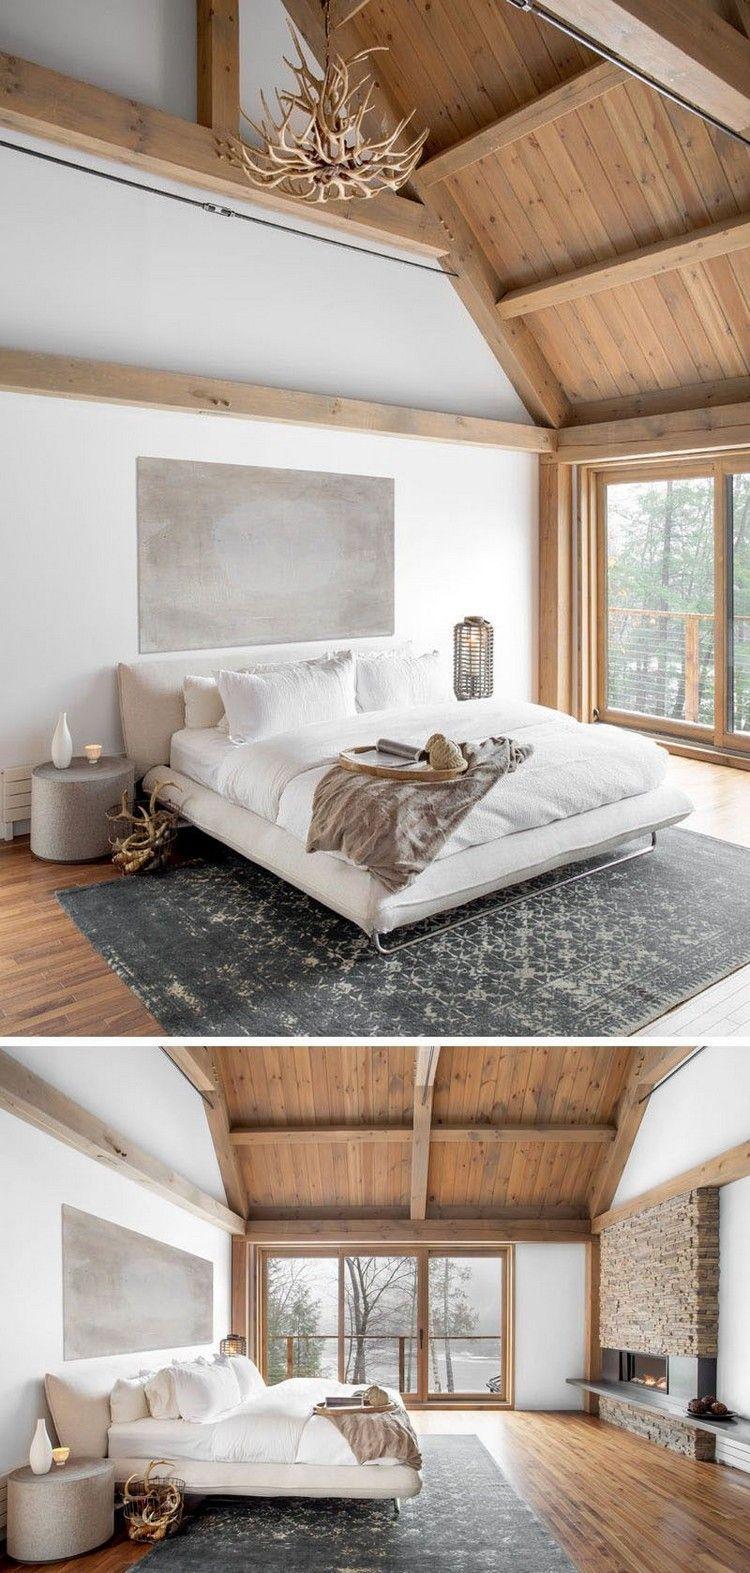 Einrichtungsidee Für Schlafzimmer Mit Dachschräge Schlafzimmer Design Innenarchitektur Schlafzimmer Zimmer Gestalten